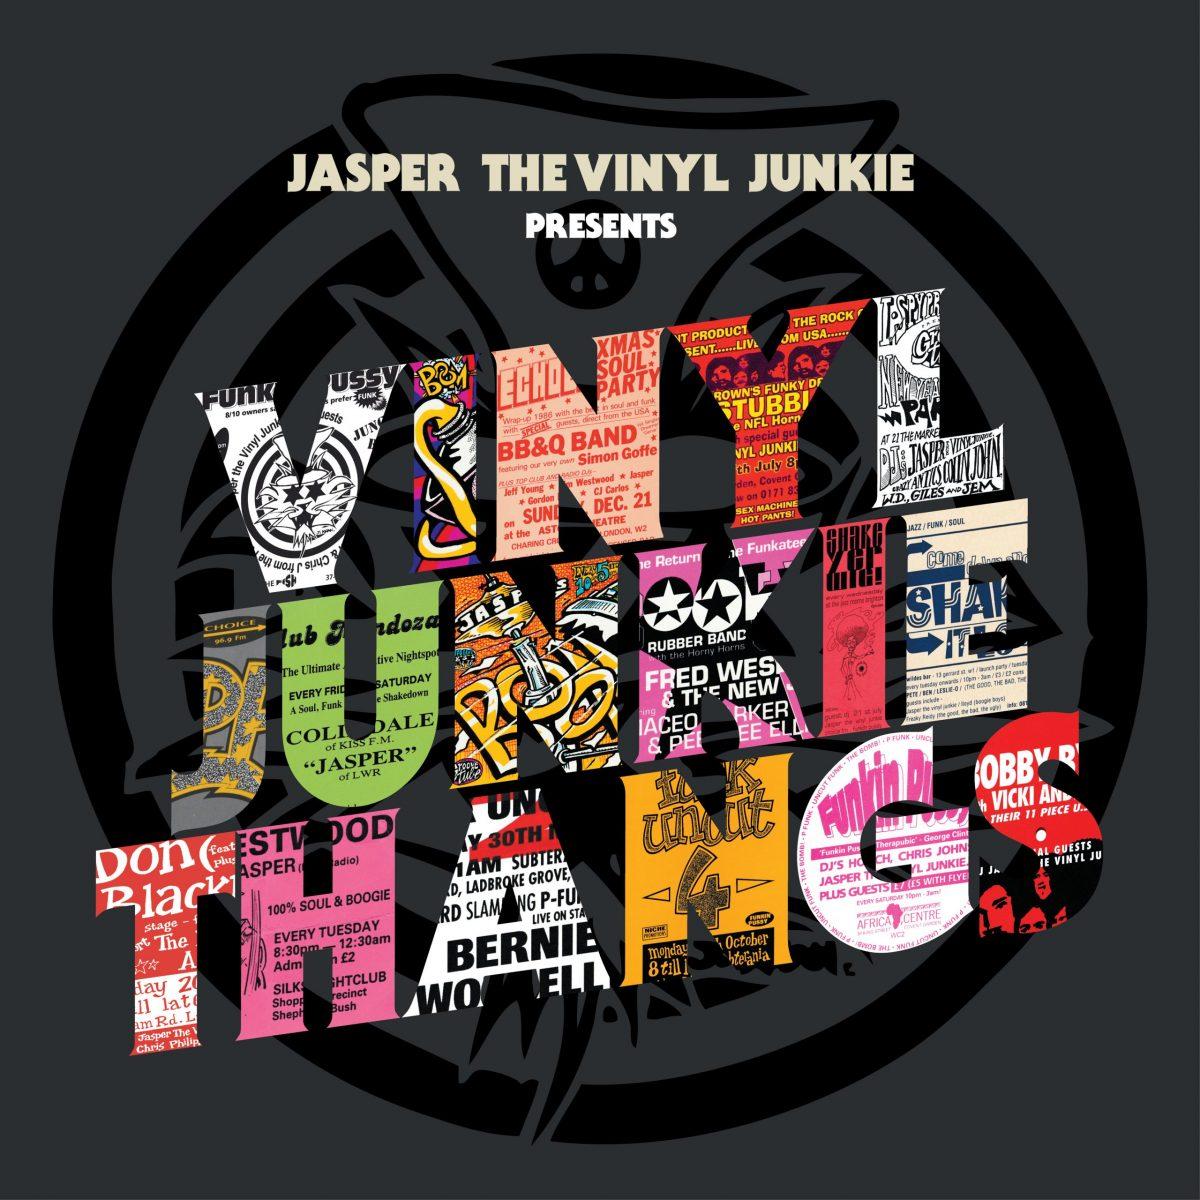 Jasper The Vinyl Junkie presents Vinyl Junkie Thangs (Pre-Order Due 11 june)